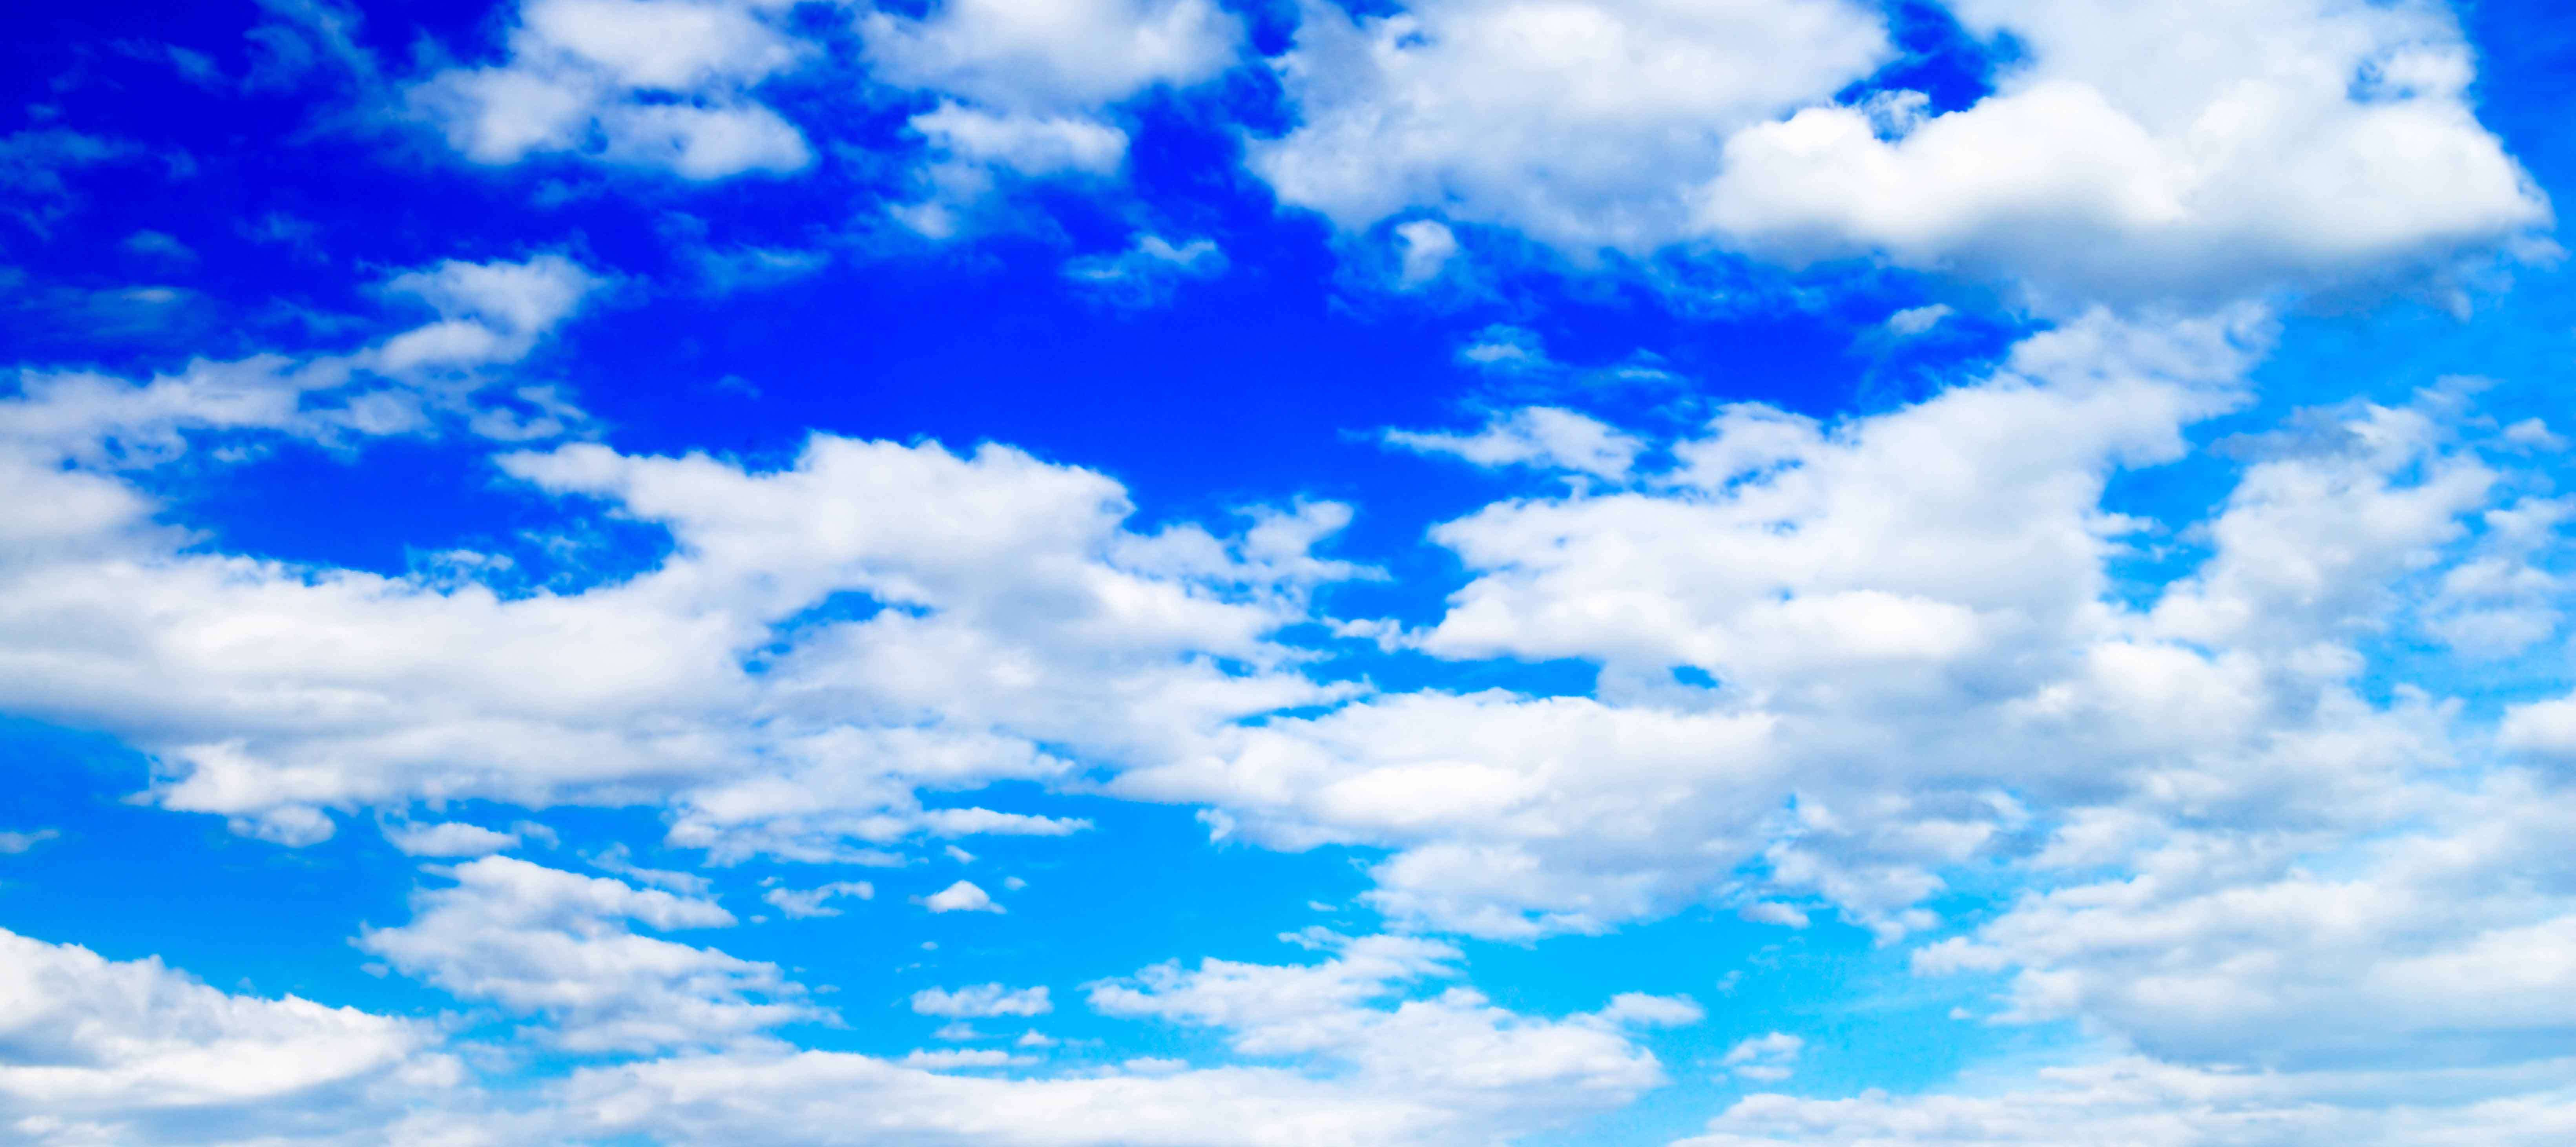 دانلود مجموعه عکس بک گراند با کیفیت بالا با موضوعات ورزشی: مجموعه پنج تصویر با کیفیت در موضوع ابر